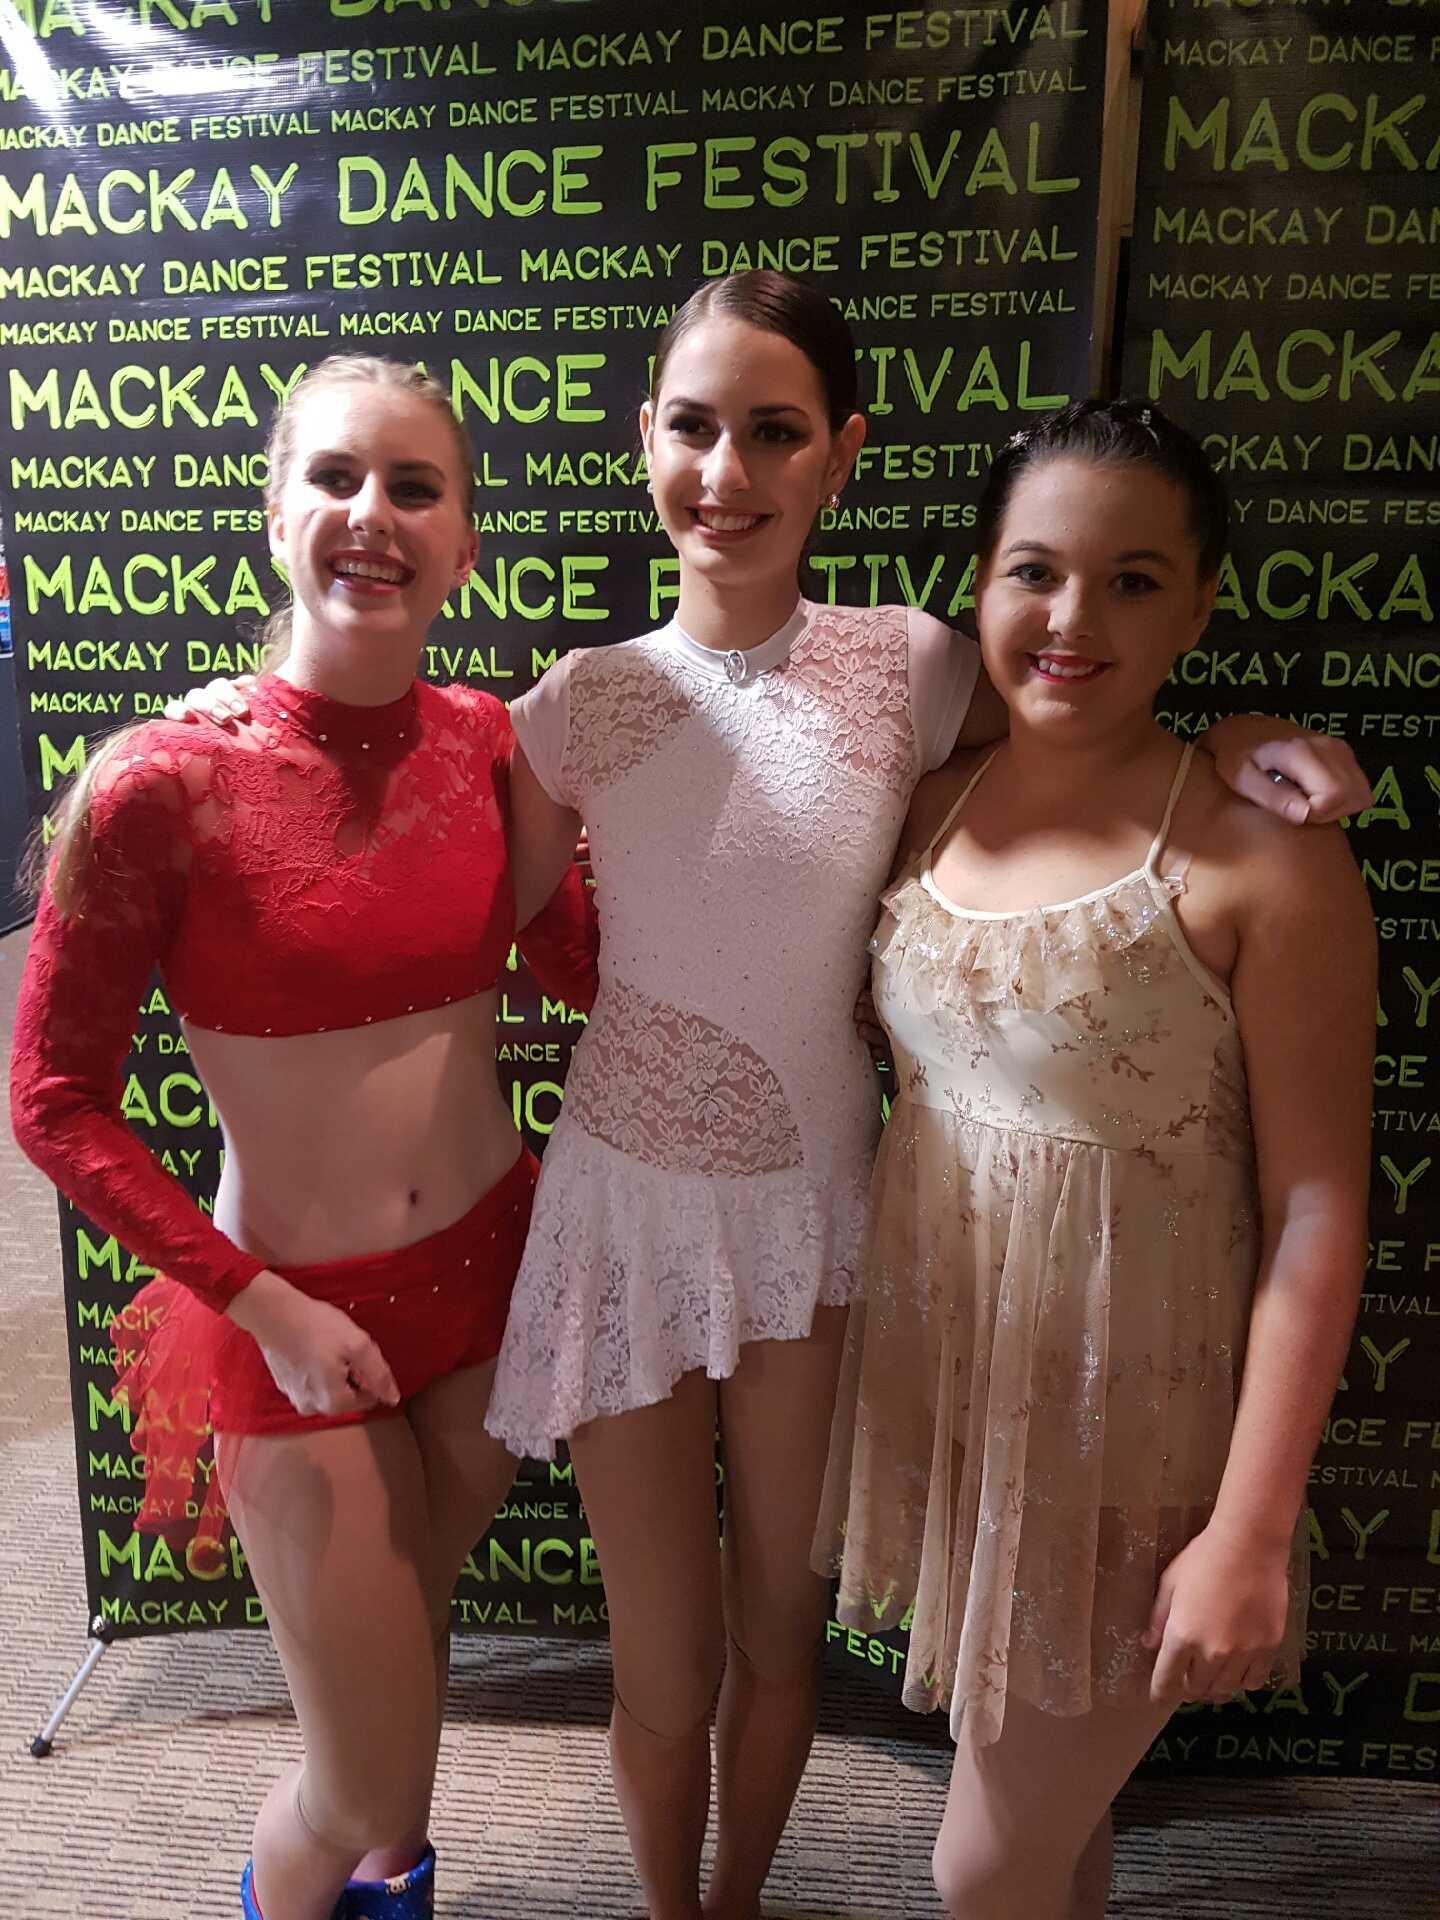 Mackay Dance Festival 2017